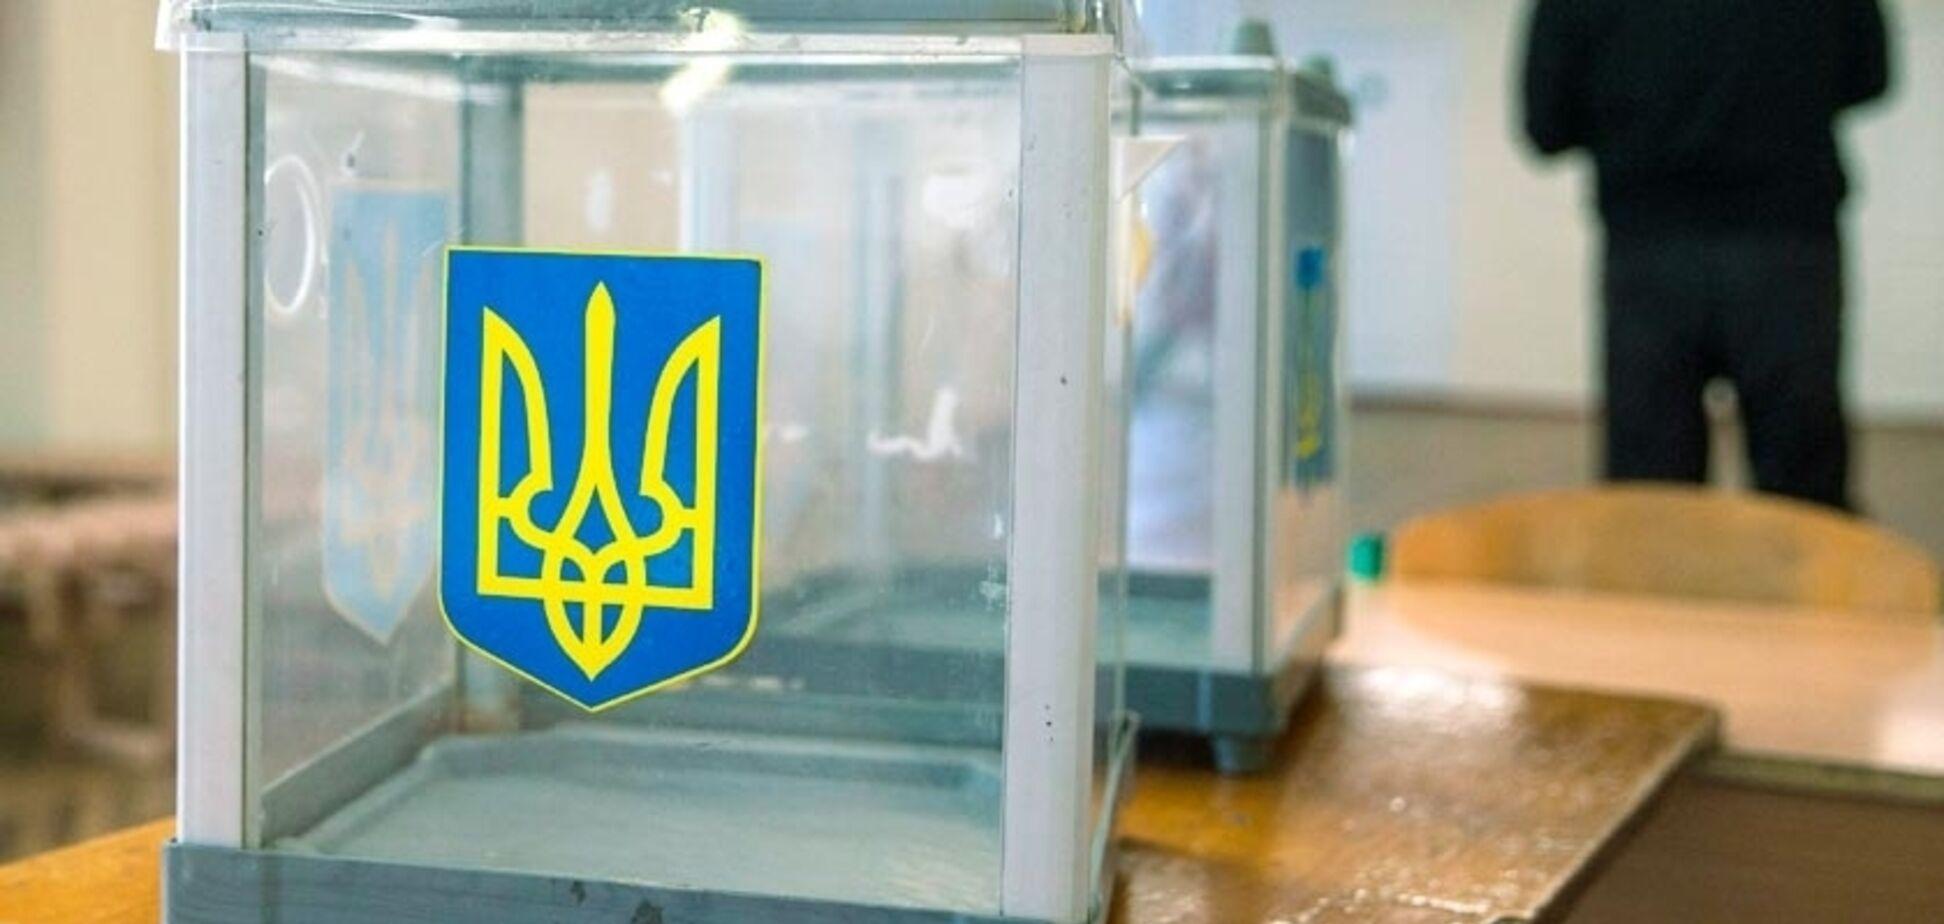 В Одессе на выборах случилась неразбериха с россиянкой: детали инцидента